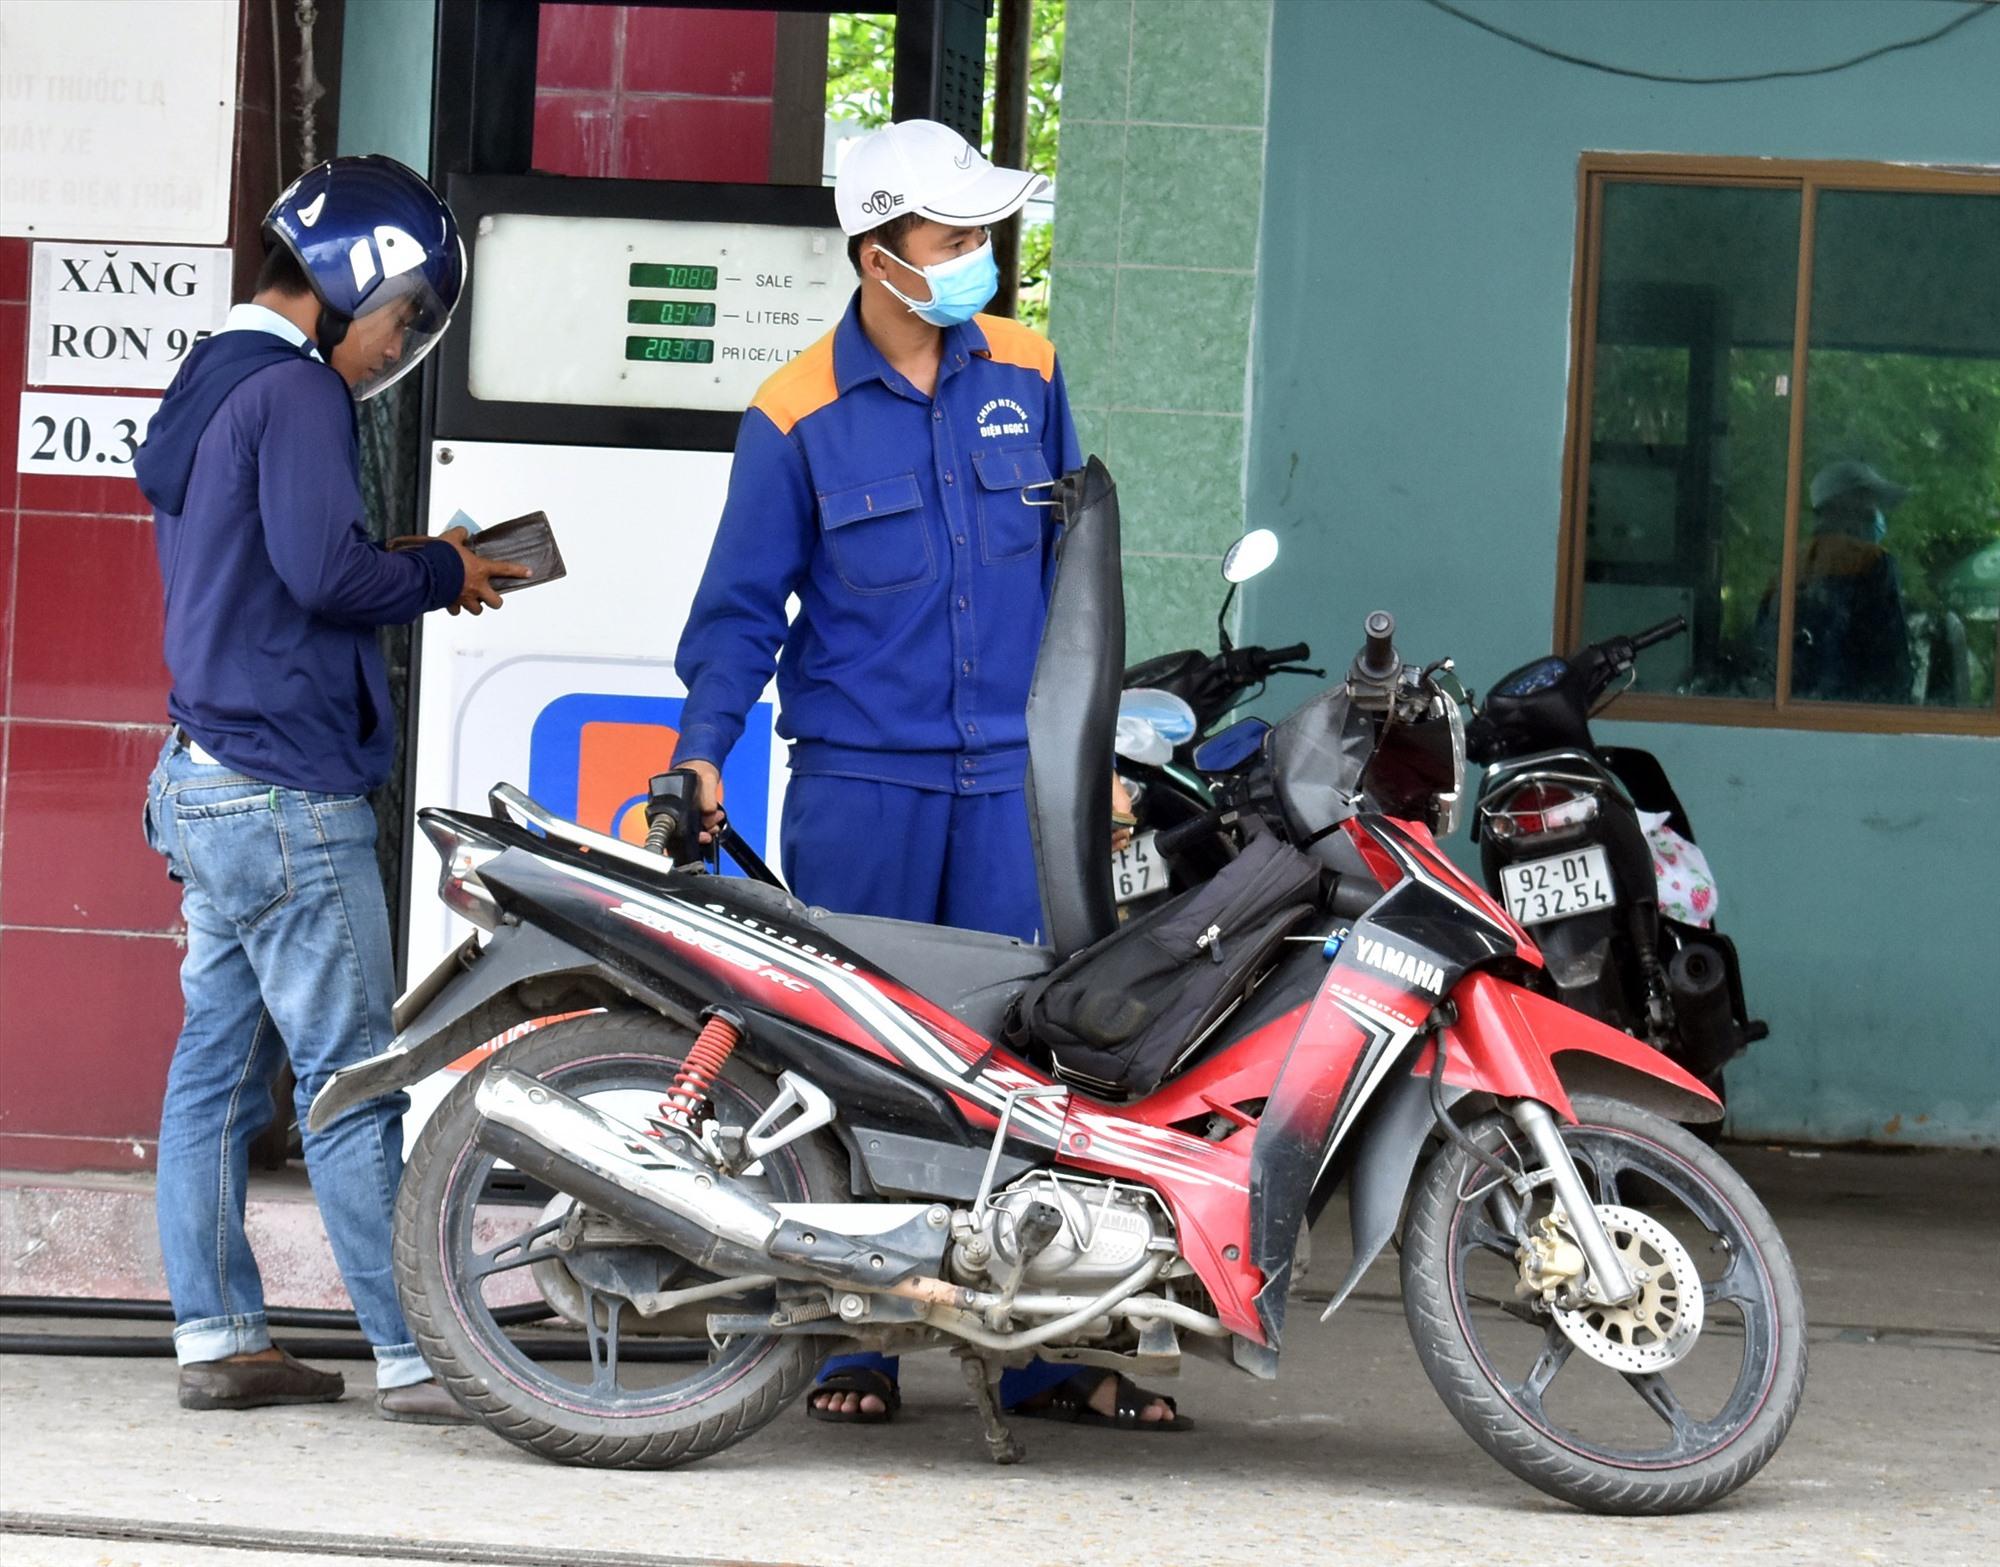 Giá bán lẻ xăng dầu ở Quảng Nam luôn cao hơn Đà Nẵng 200 đồng/lít. Ảnh: V.L